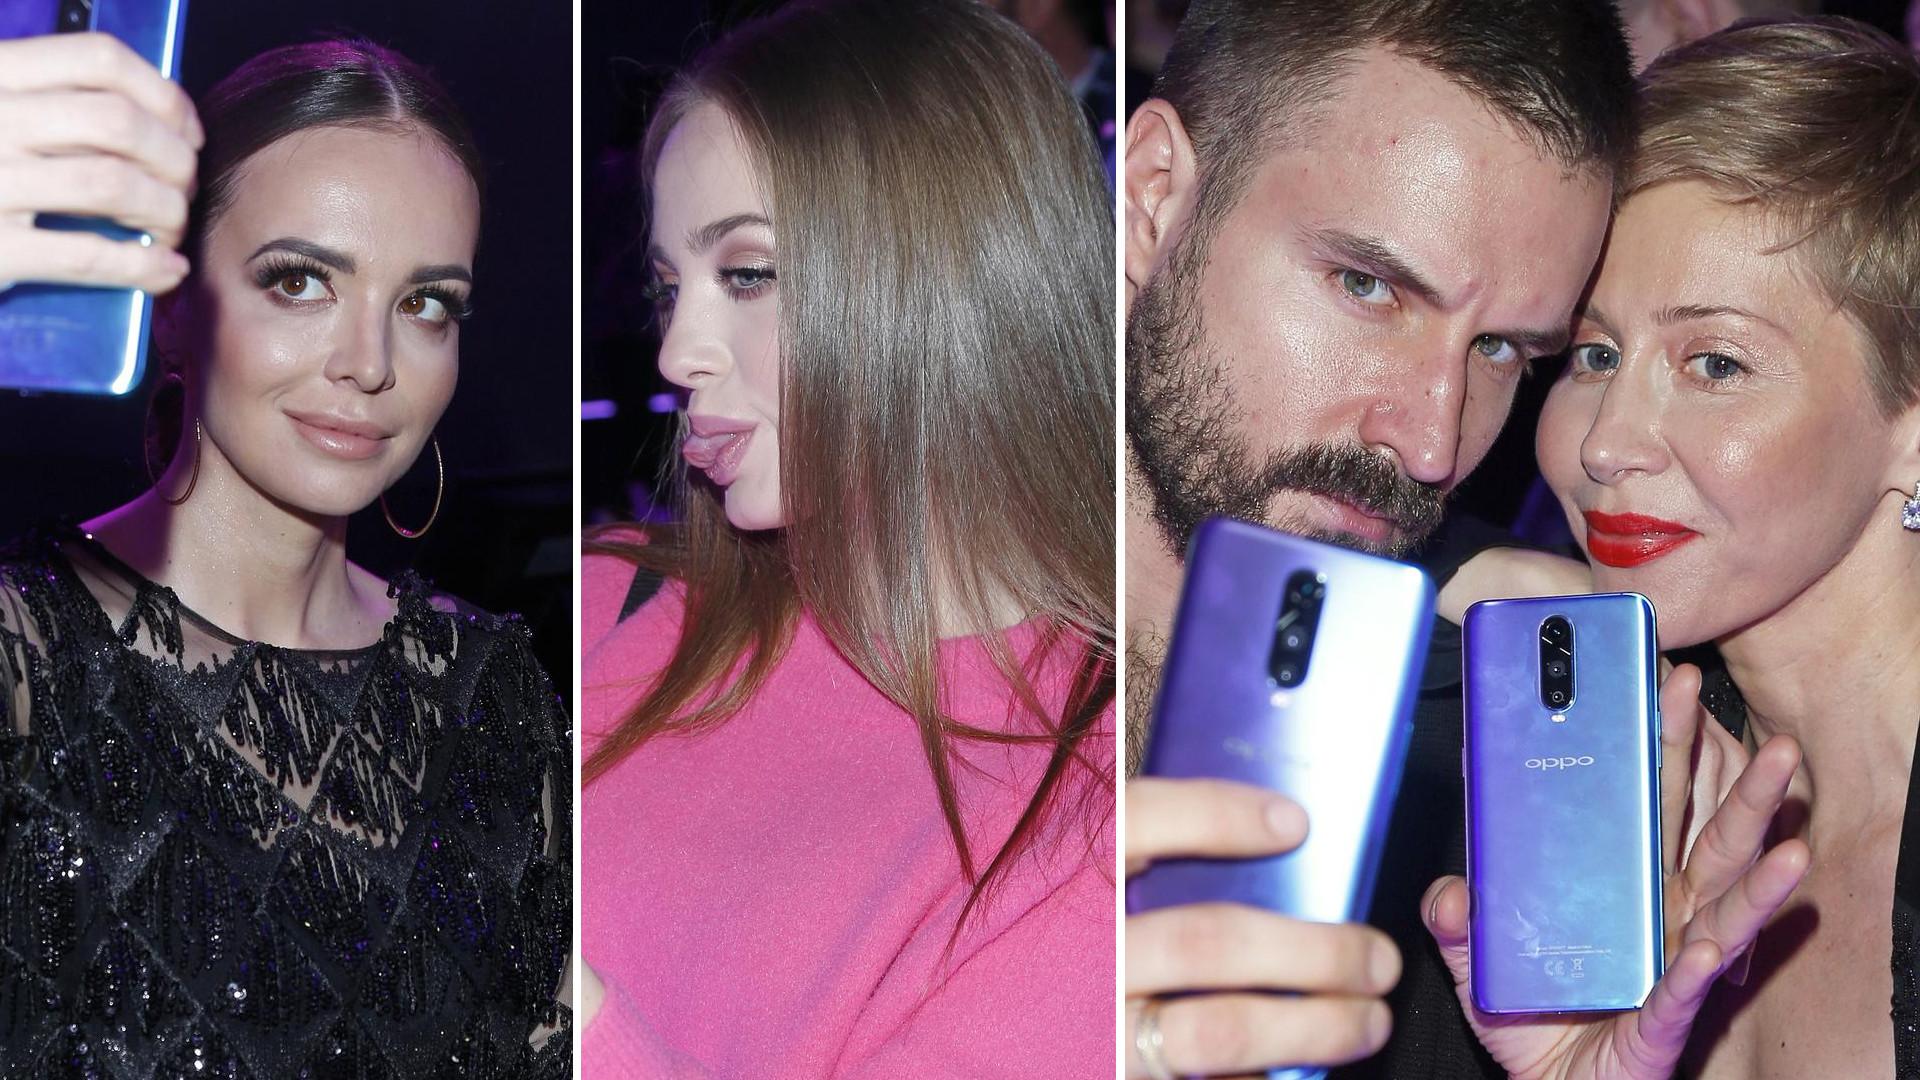 Gwiazdy bawią się telefonami na evencie marki: Wendzikowska, Gąsiewska, Warnke